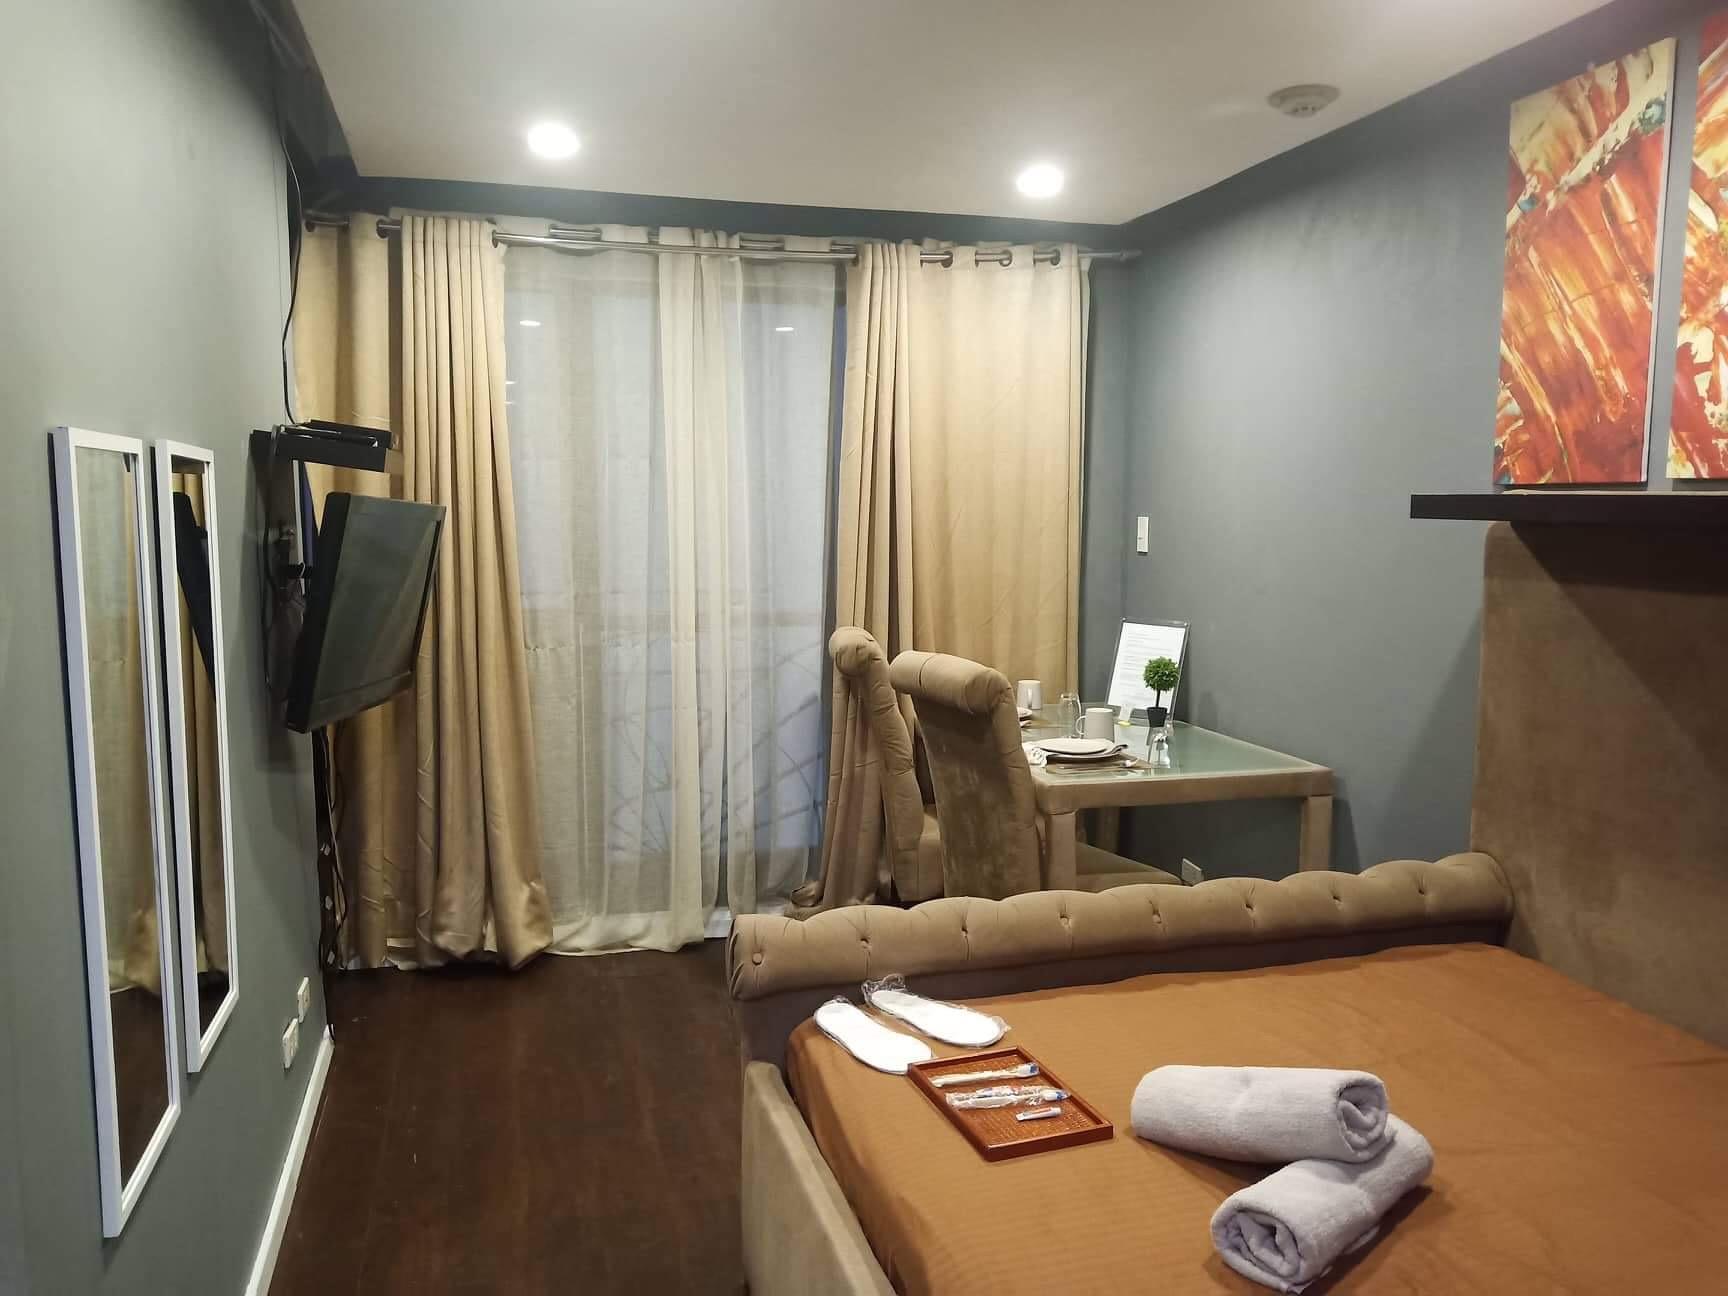 Boutique Room In Condo Hotel   43